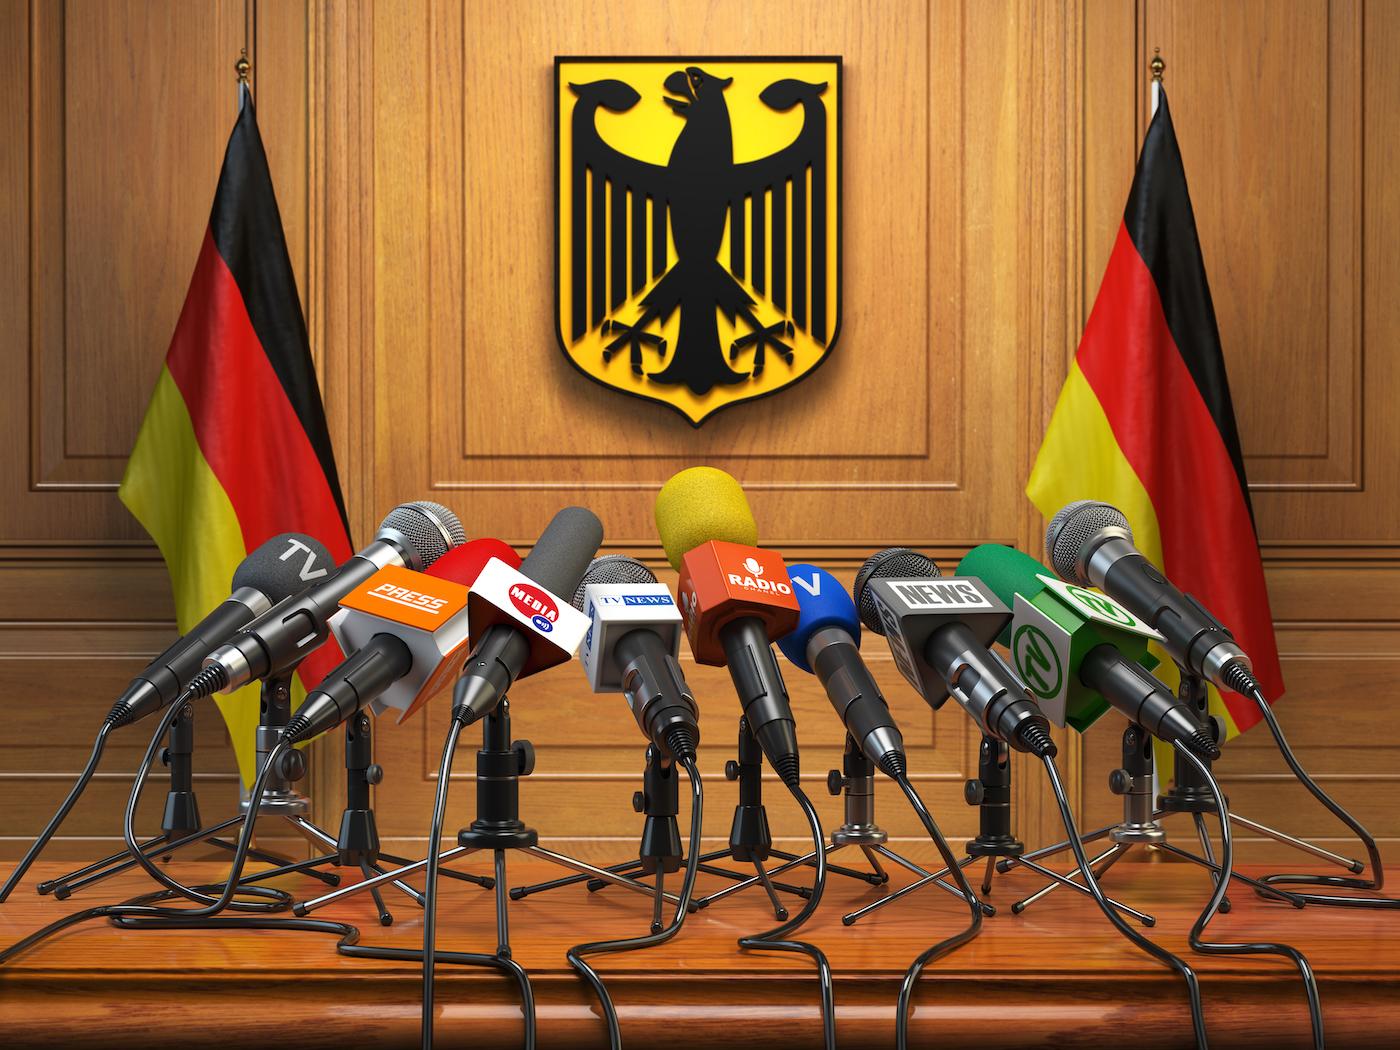 Bundestagswahl - Die meisten informieren sich am liebsten per TV-Sendungen